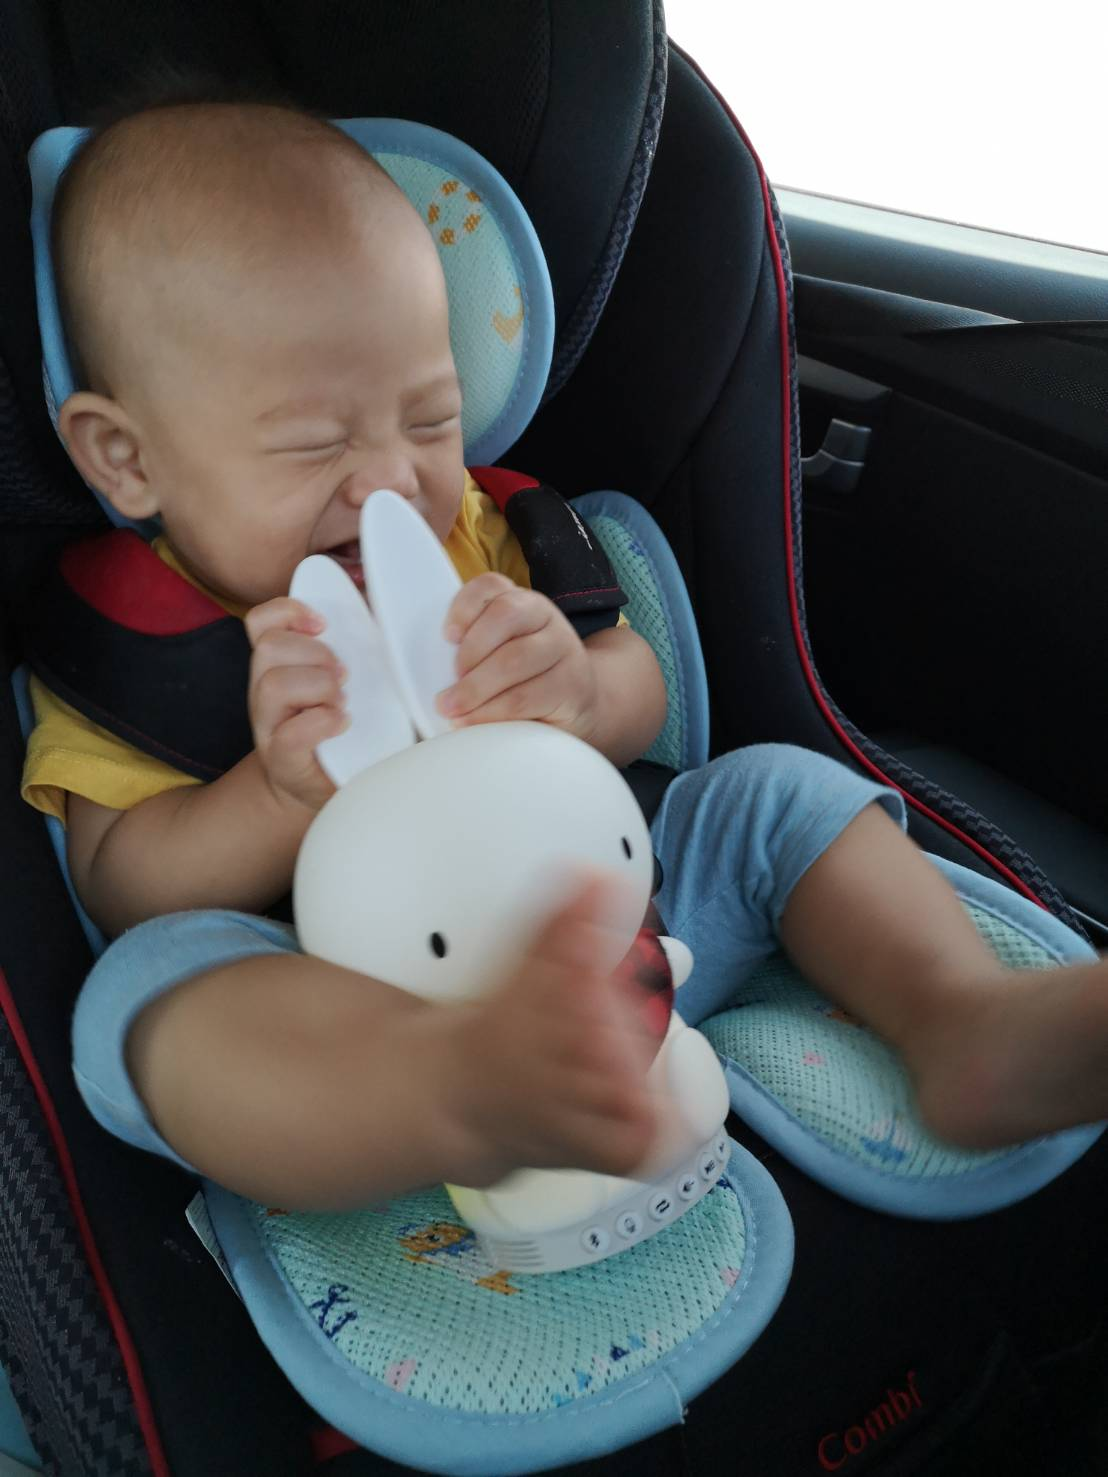 【團購】芽比兔故事機,6000多分鐘,1200個曲目,從孕期開始陪伴寶寶長大,還有超便宜費雪玩具 @小環妞 幸福足跡